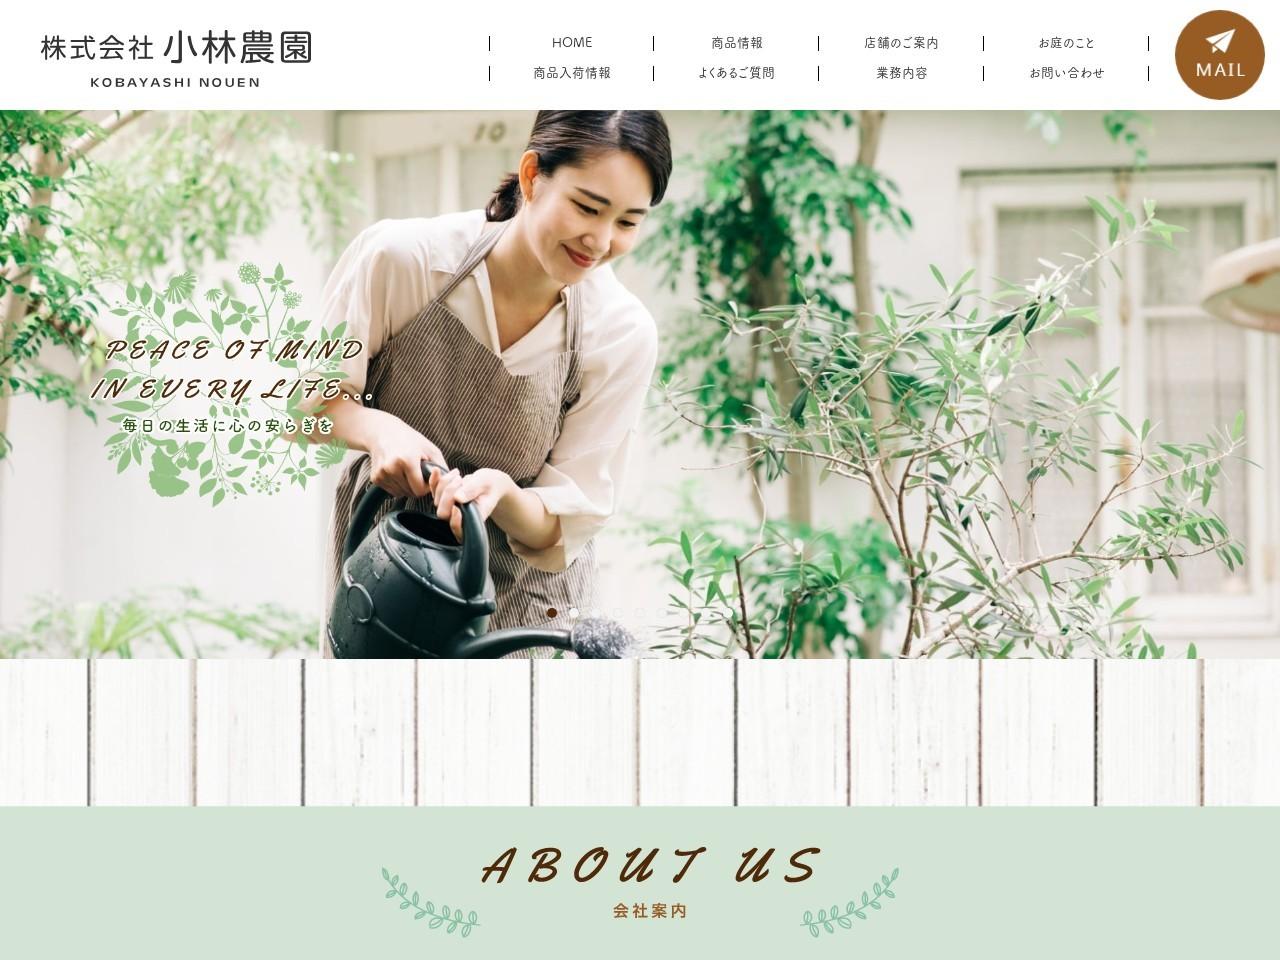 株式会社小林農園